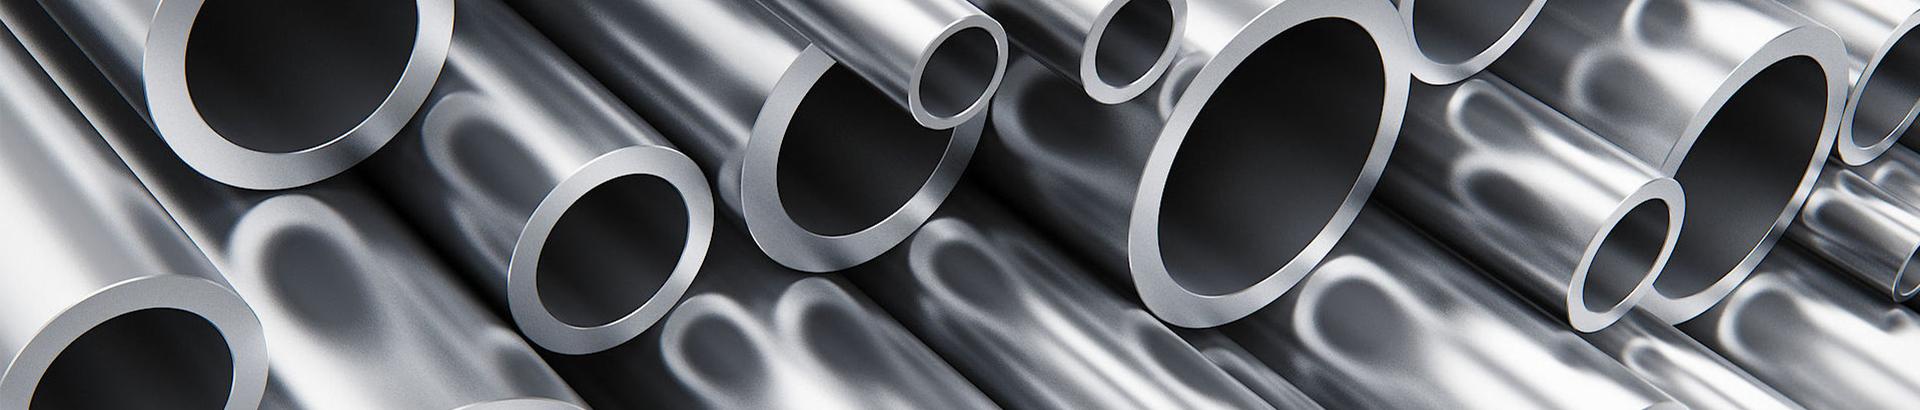 Global Steel Demand Rebounds In 2021